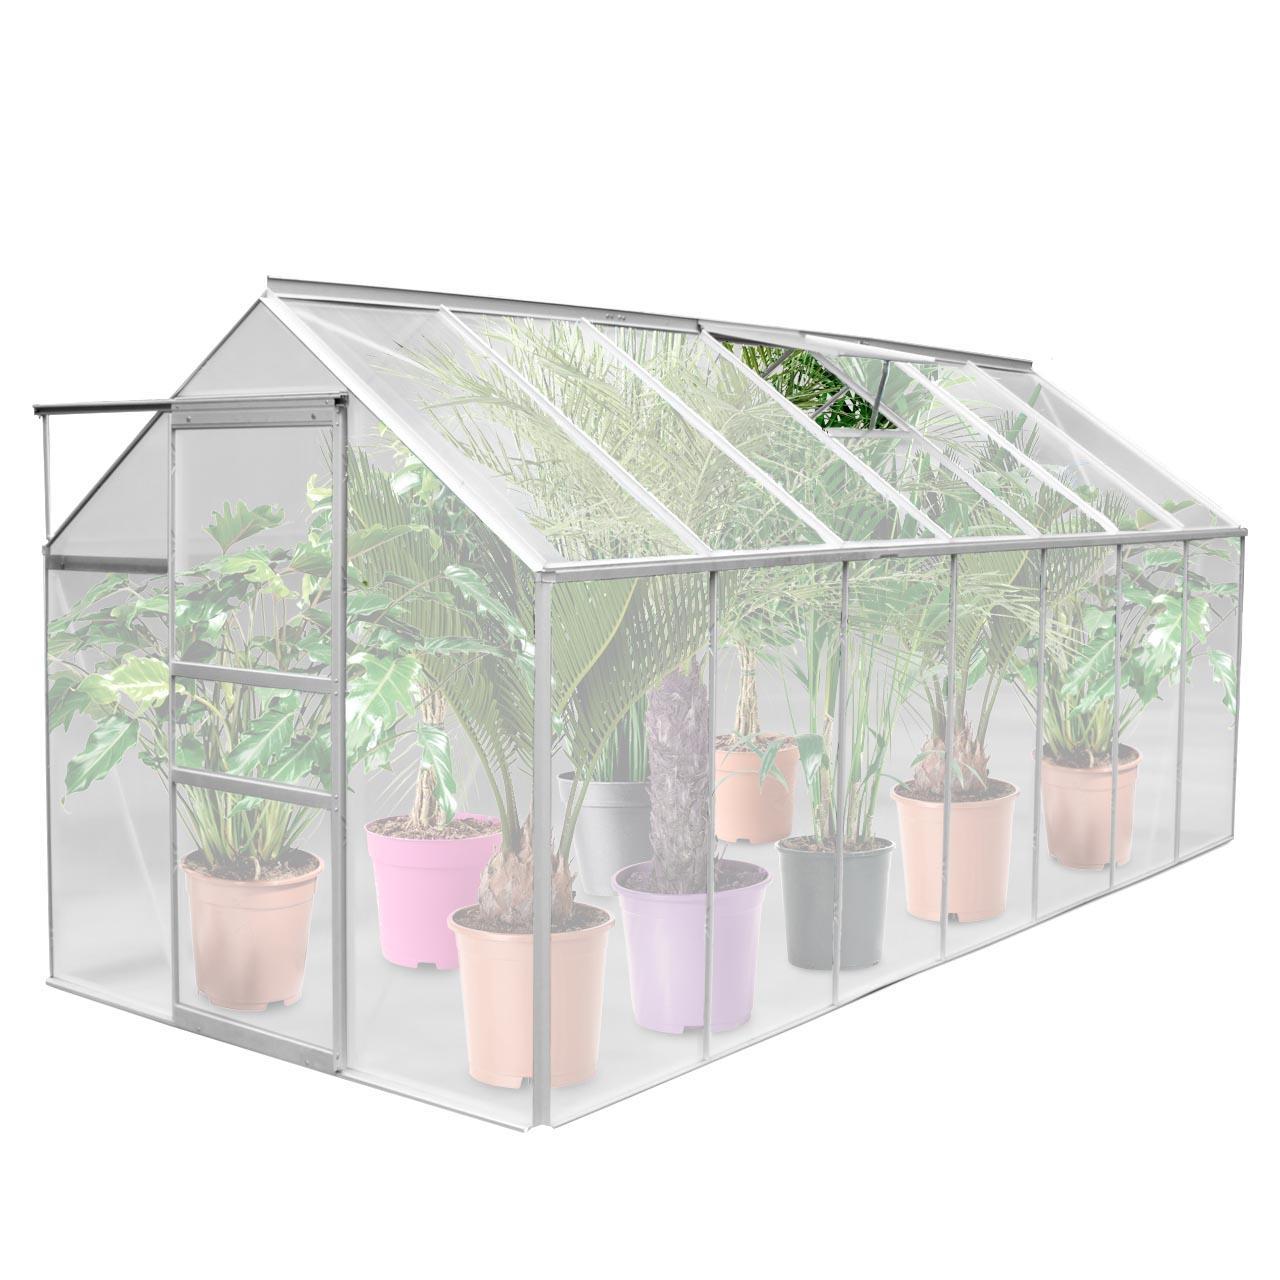 Gewächshaus ALU Garten Treibhaus Tomaten Frühbeet inkl Fenster